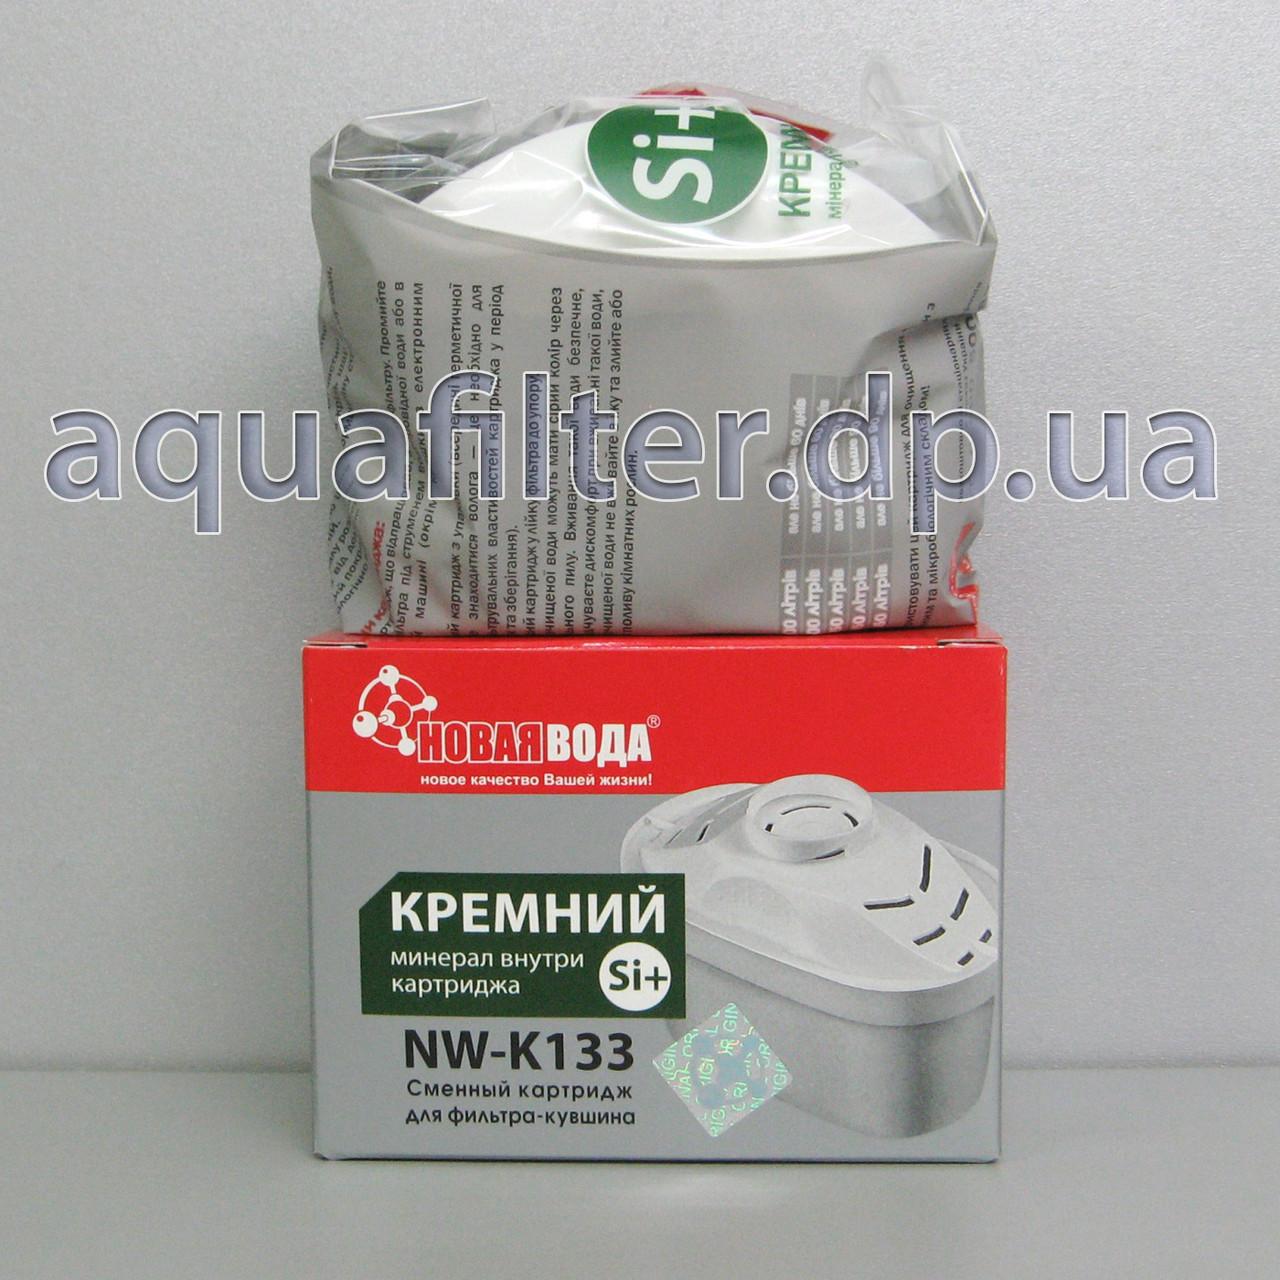 Сменный картридж Новая Вода NW-K133 для Brita MAXTRA